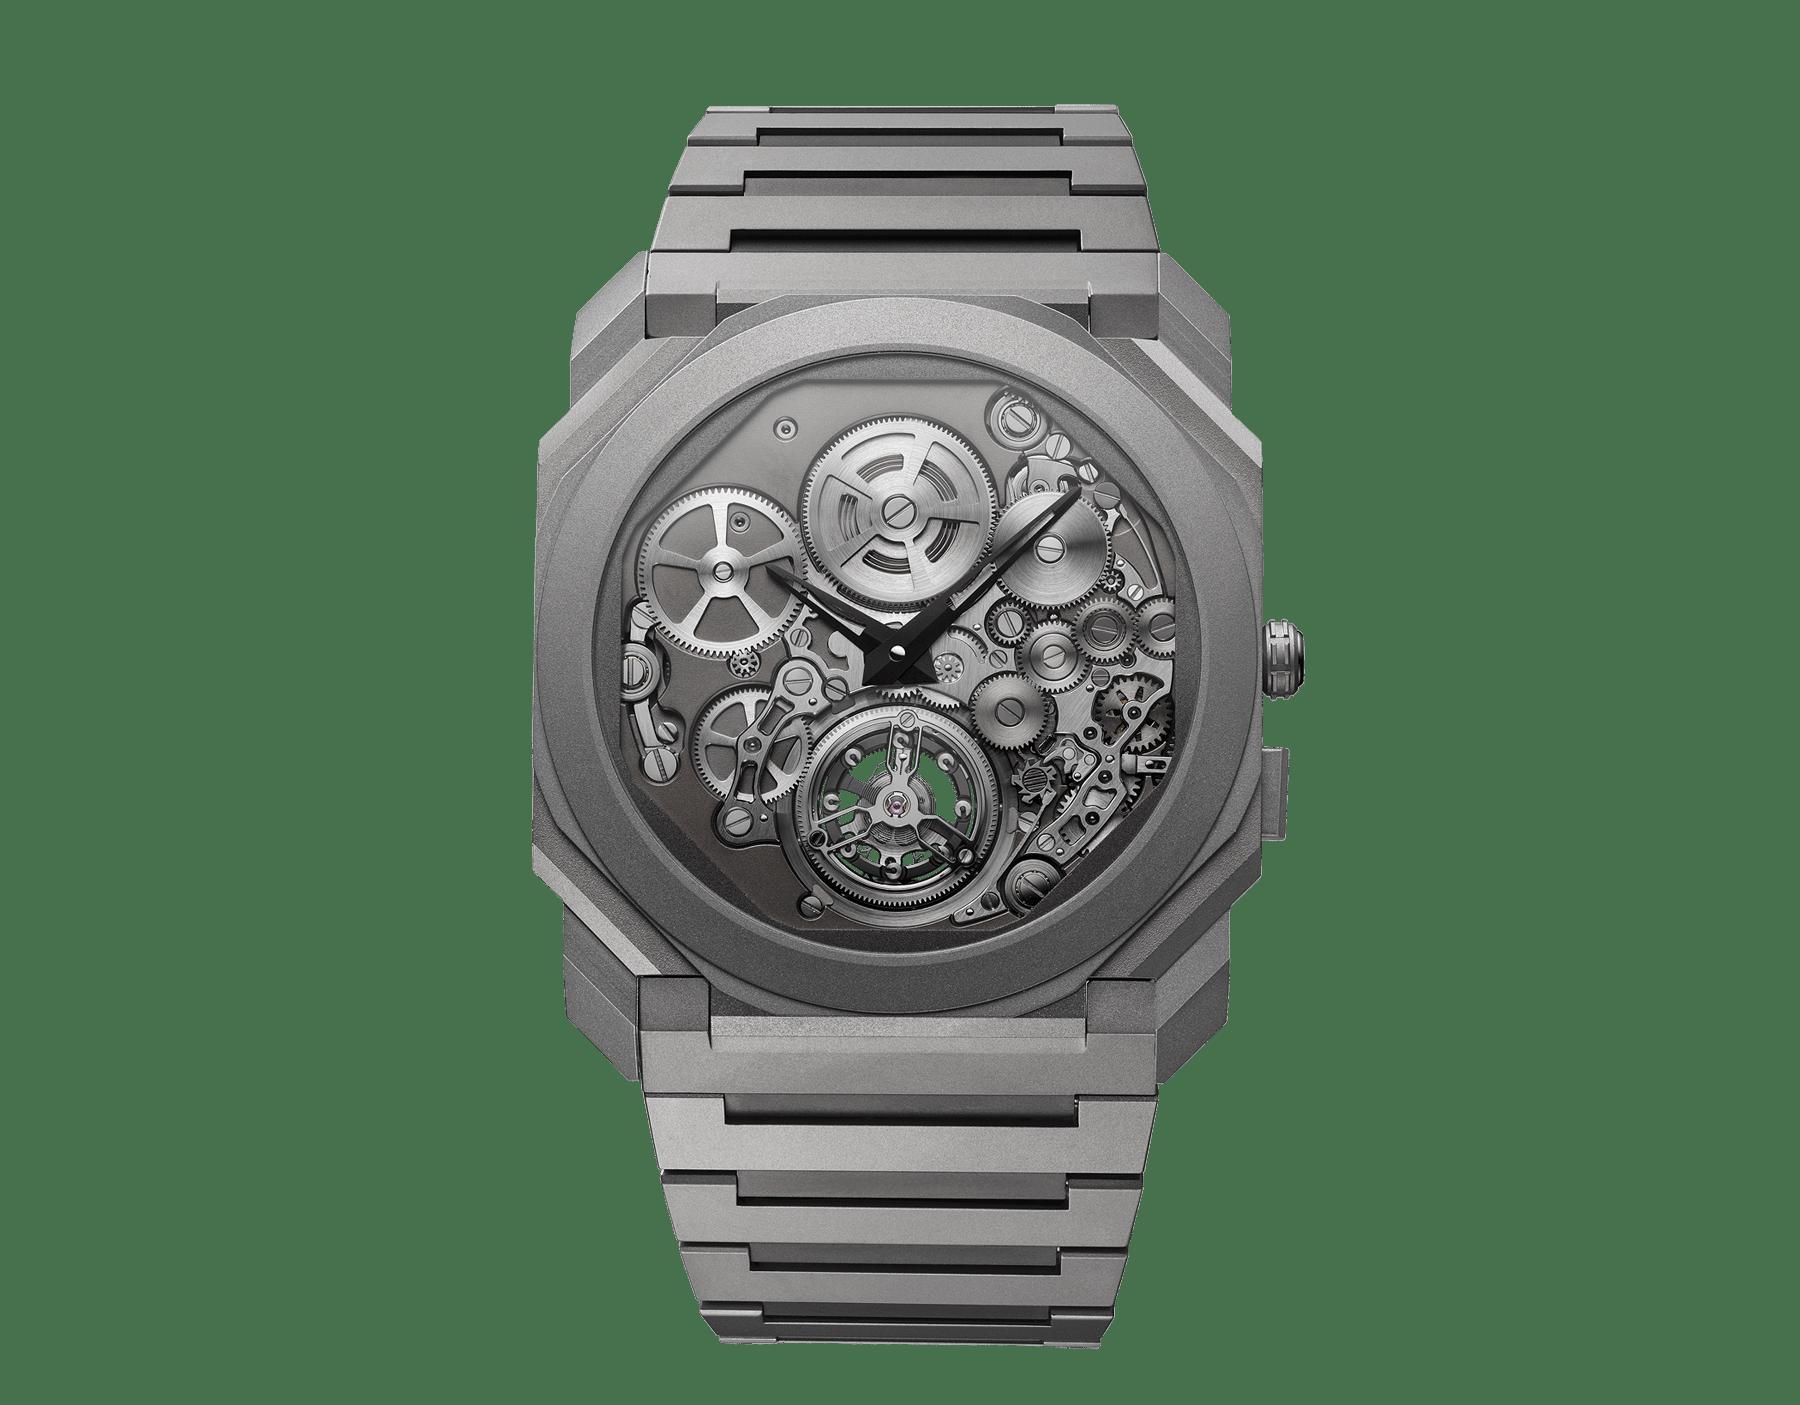 Octo Finissimo自动上链陀飞轮腕表,搭载品牌自制的机械机芯,超薄飞行陀飞轮,特制滚珠轴承系统,喷砂处理超薄钛金属表壳和表链, 喷砂处理镂空钛金属表盘 102937 image 1